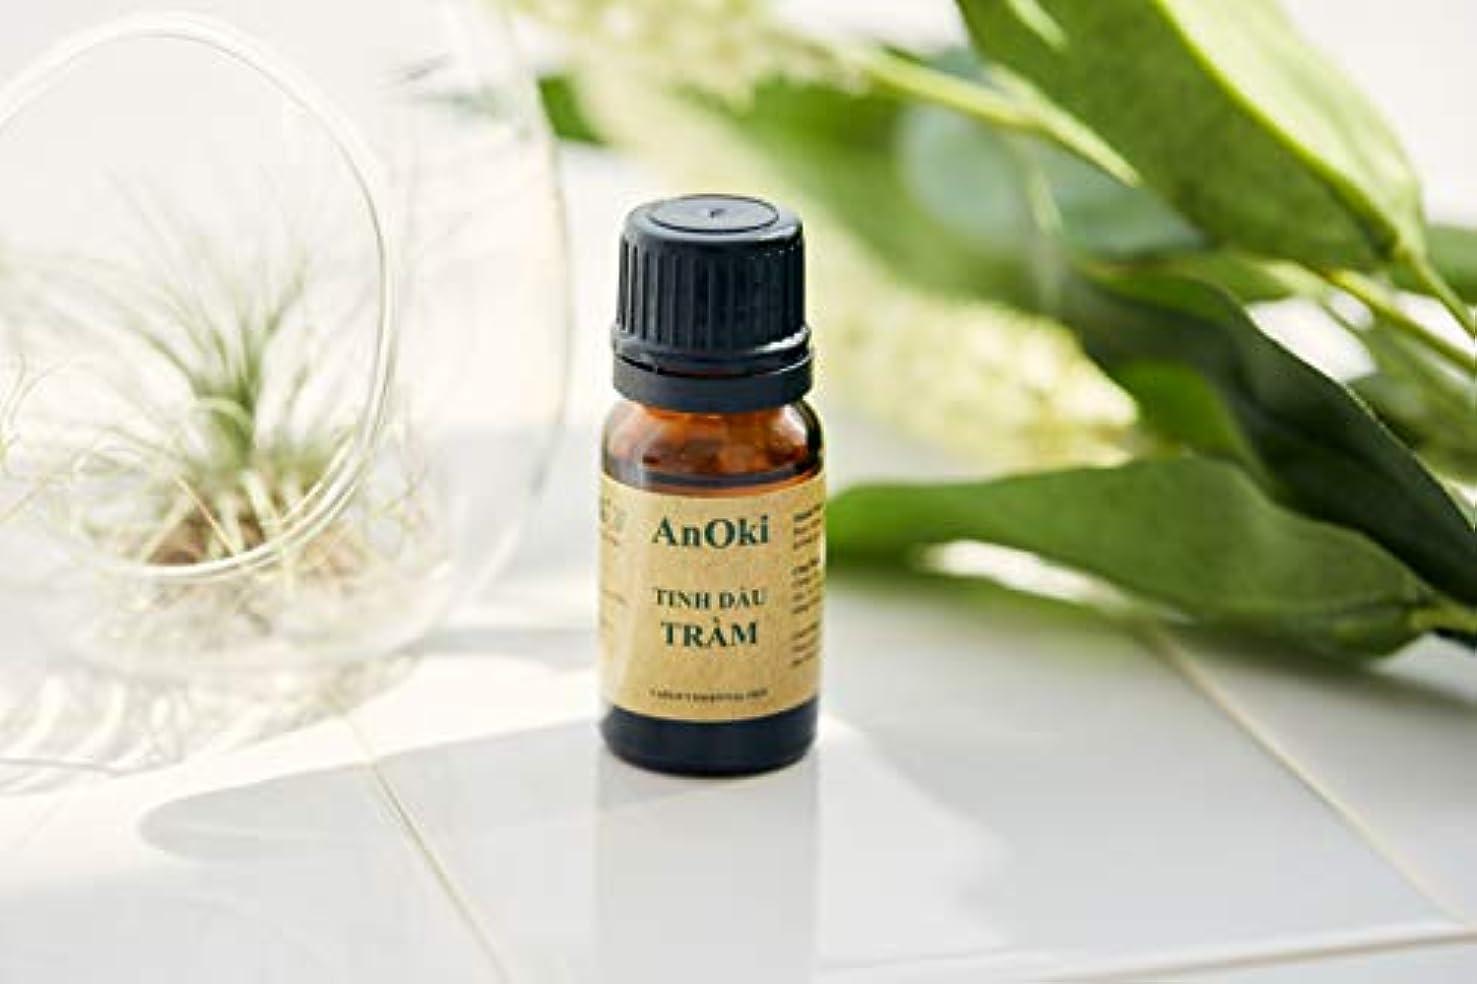 コンベンションウェイター大胆不敵香りでマーケティング! 『オフィス』に最適 カユプテ 天然100% 植物性  甘酸っぱく清潔感のあるスッキリとした香り [並行輸入品]